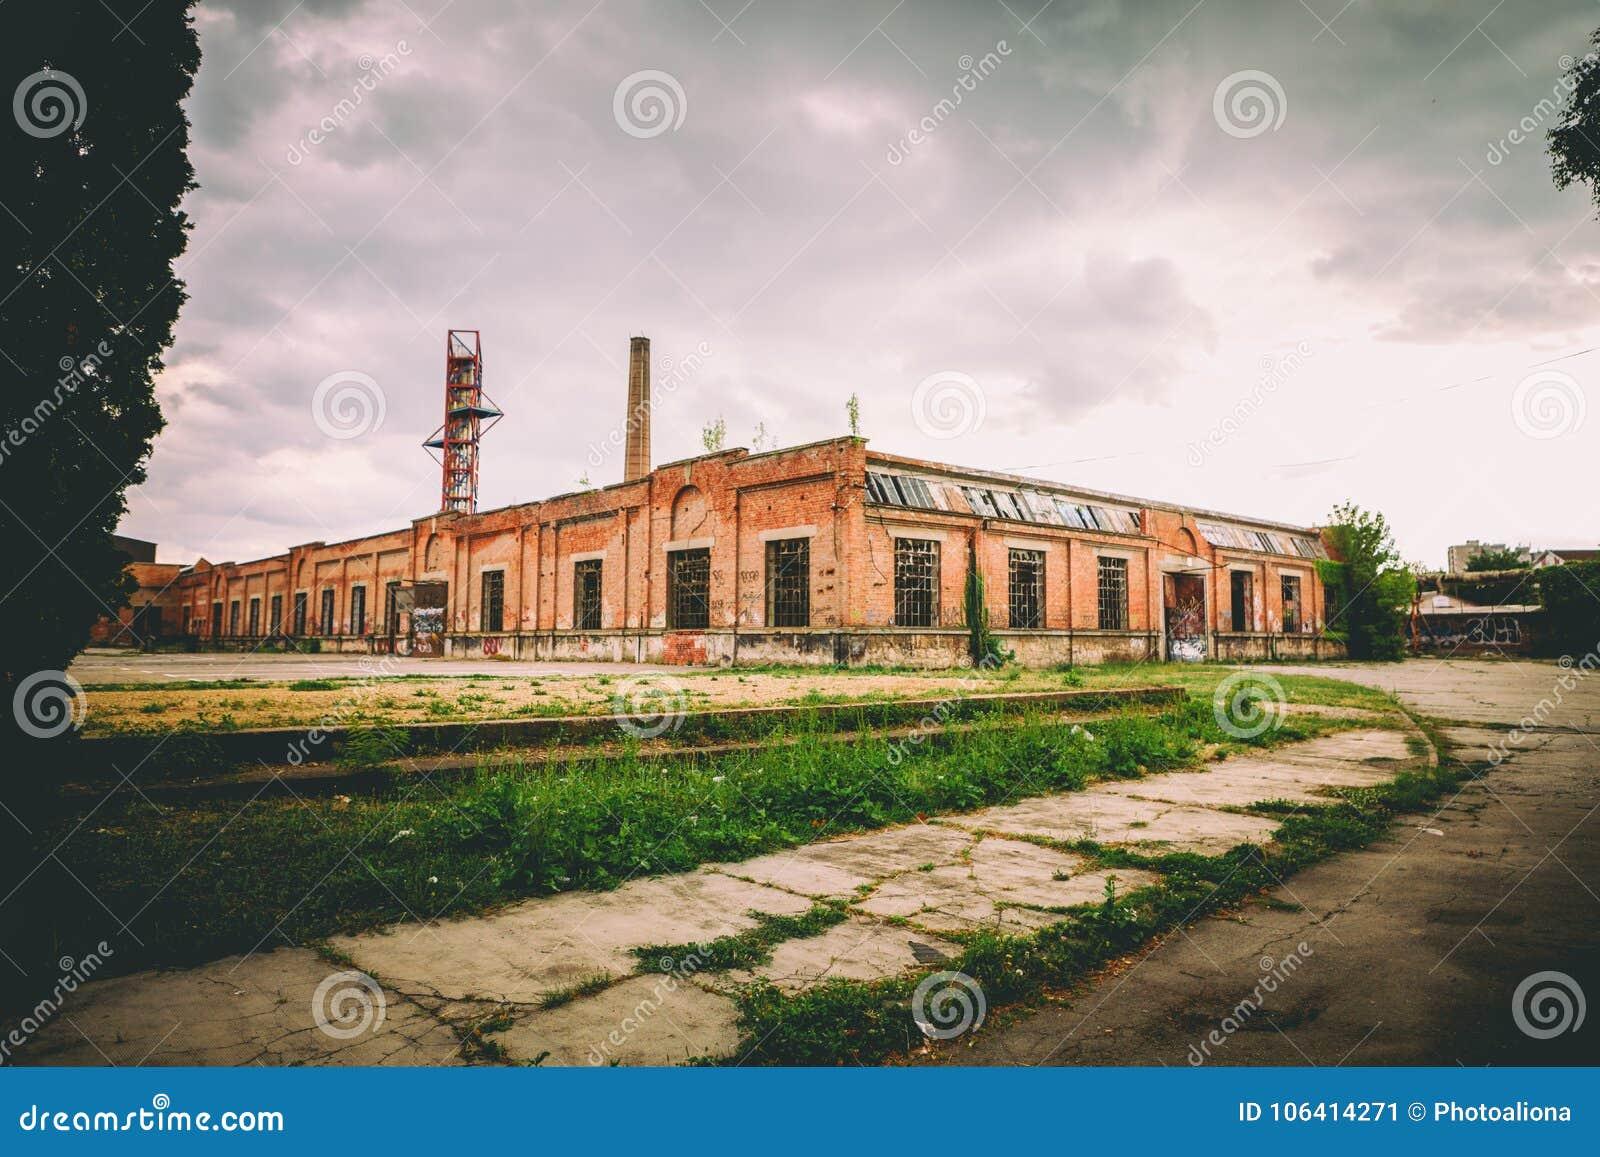 Stara Livnica, stary fabryczny Knezev arsenał w Kragujevac, Serbia Cudowny budynek